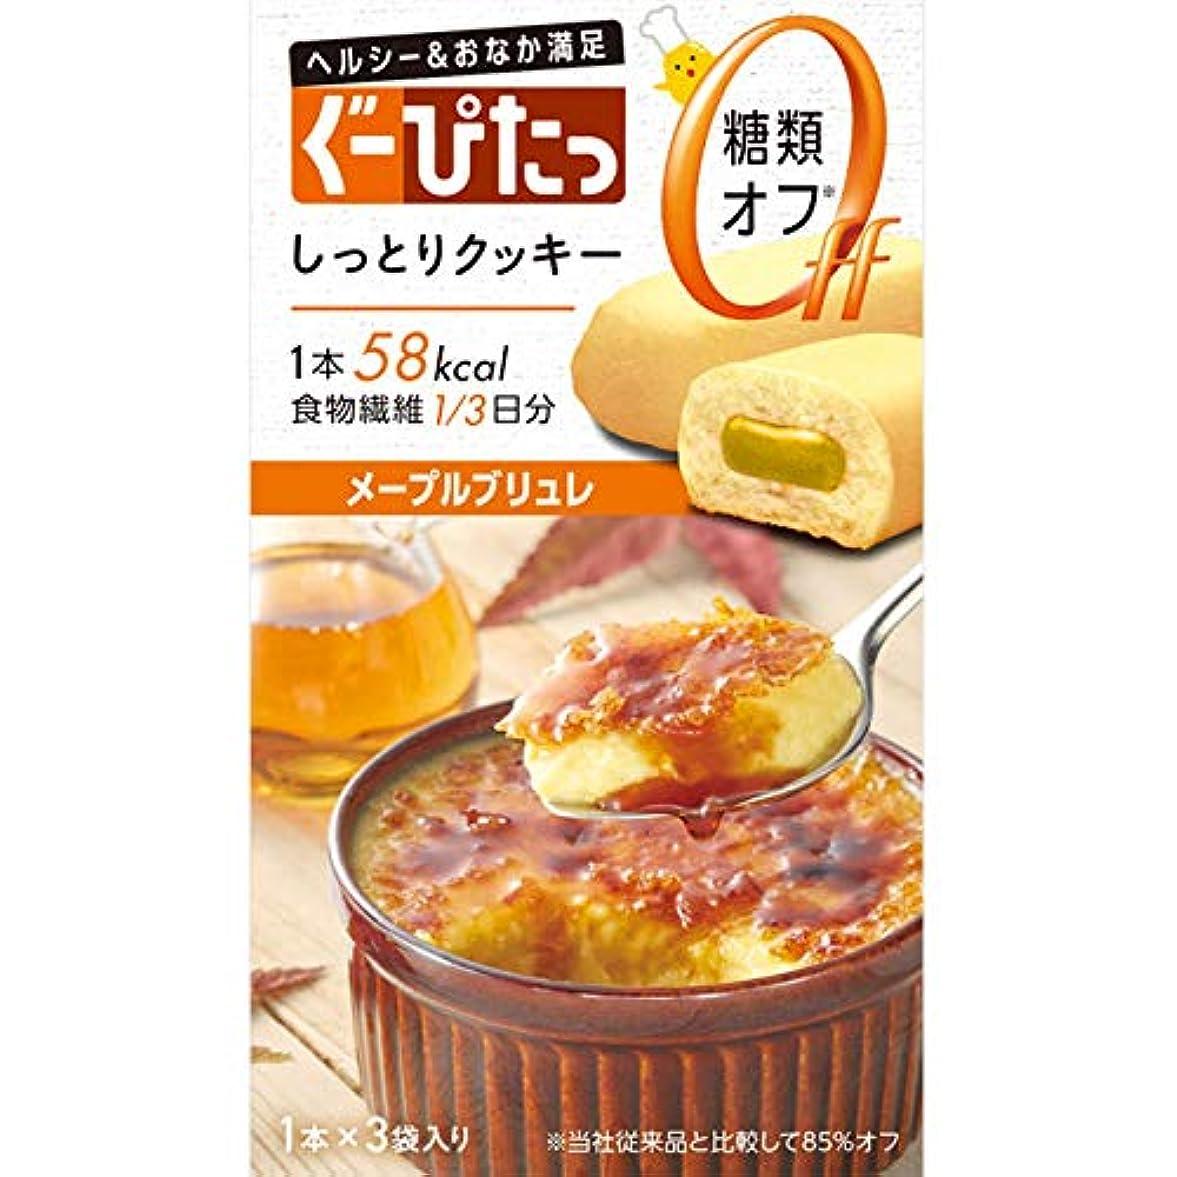 ナリスアップ ぐーぴたっ しっとりクッキー メープルブリュレ (3本) ダイエット食品